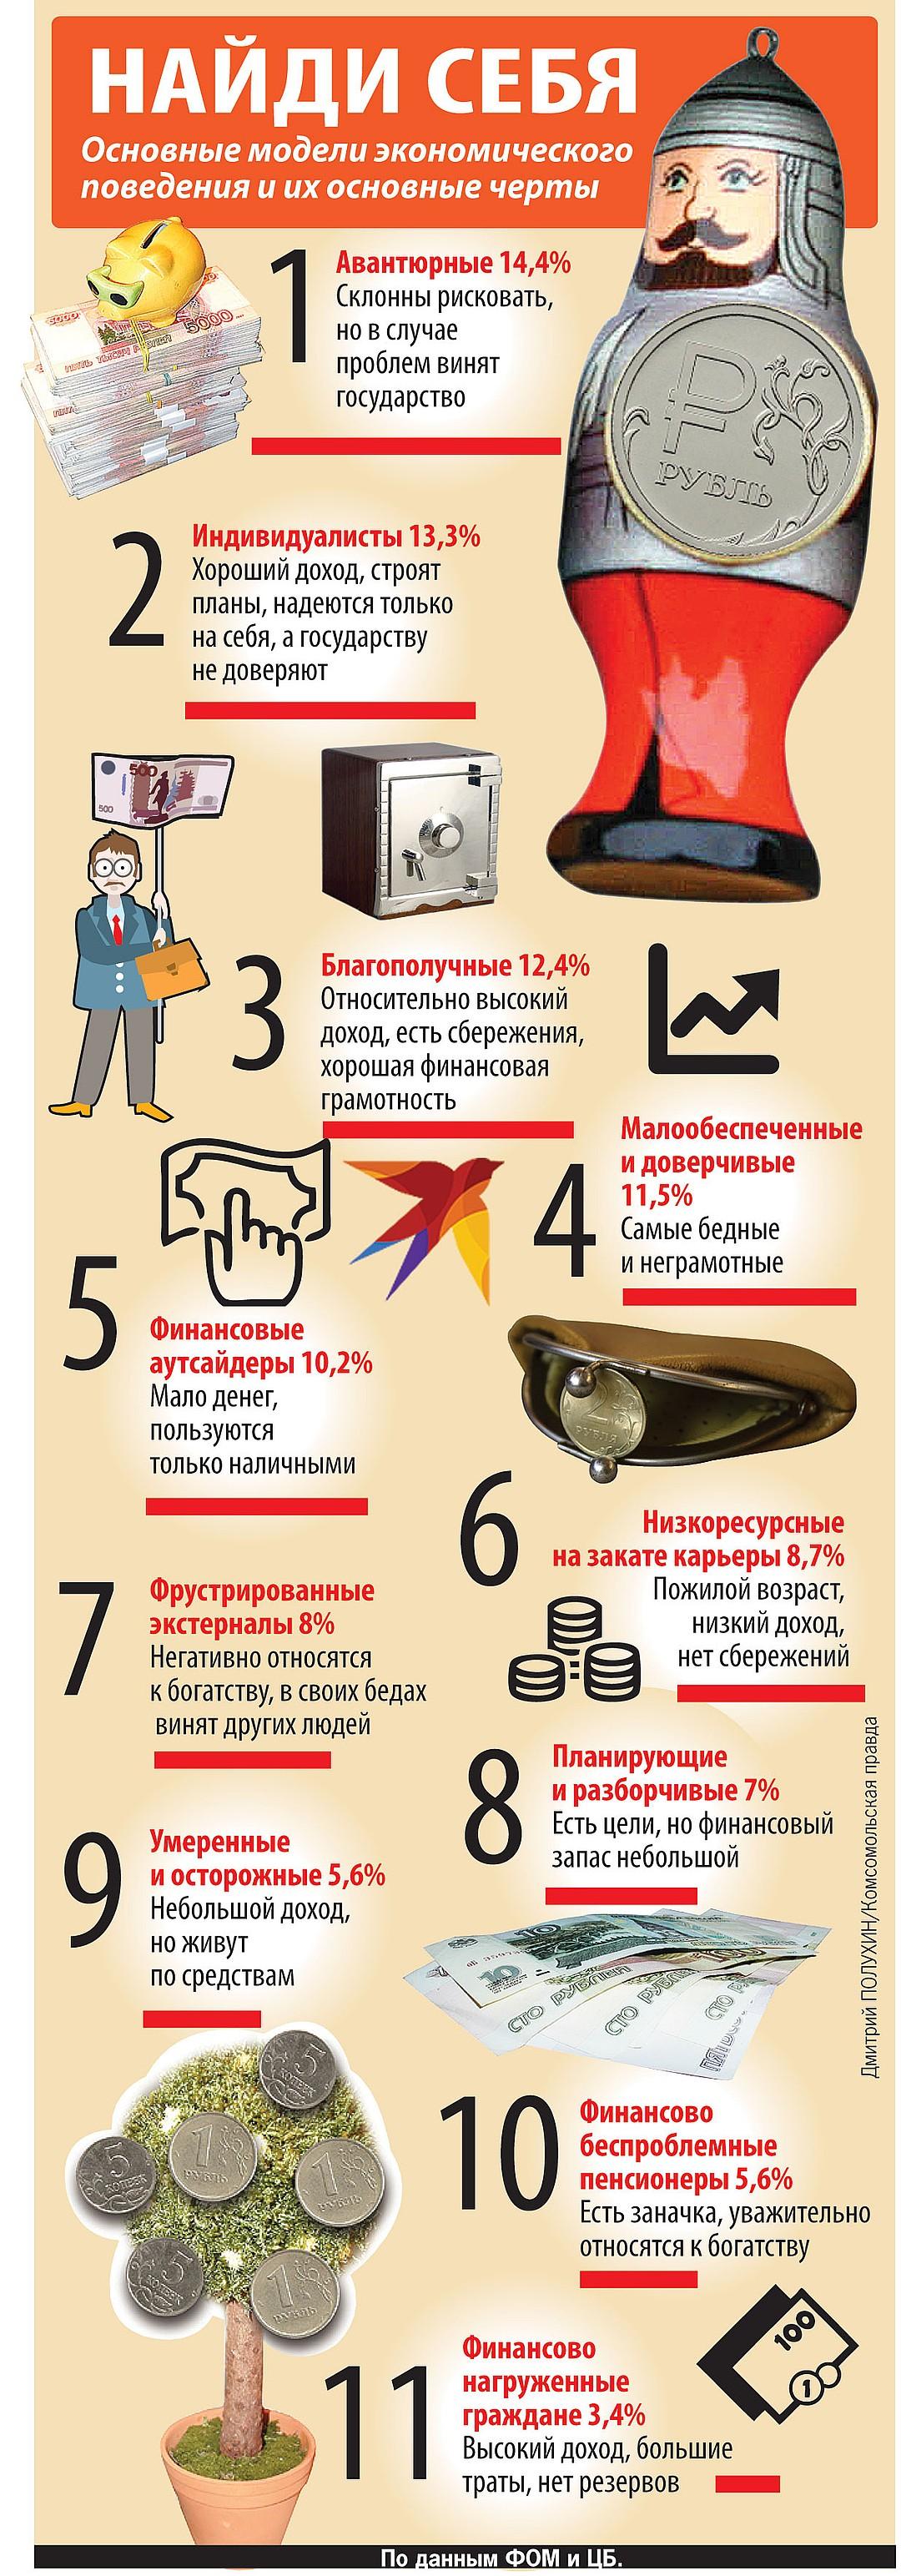 Благополучные, низкоресурсные, авантюристы: в ЦБ определили финансовые темпераменты россиян